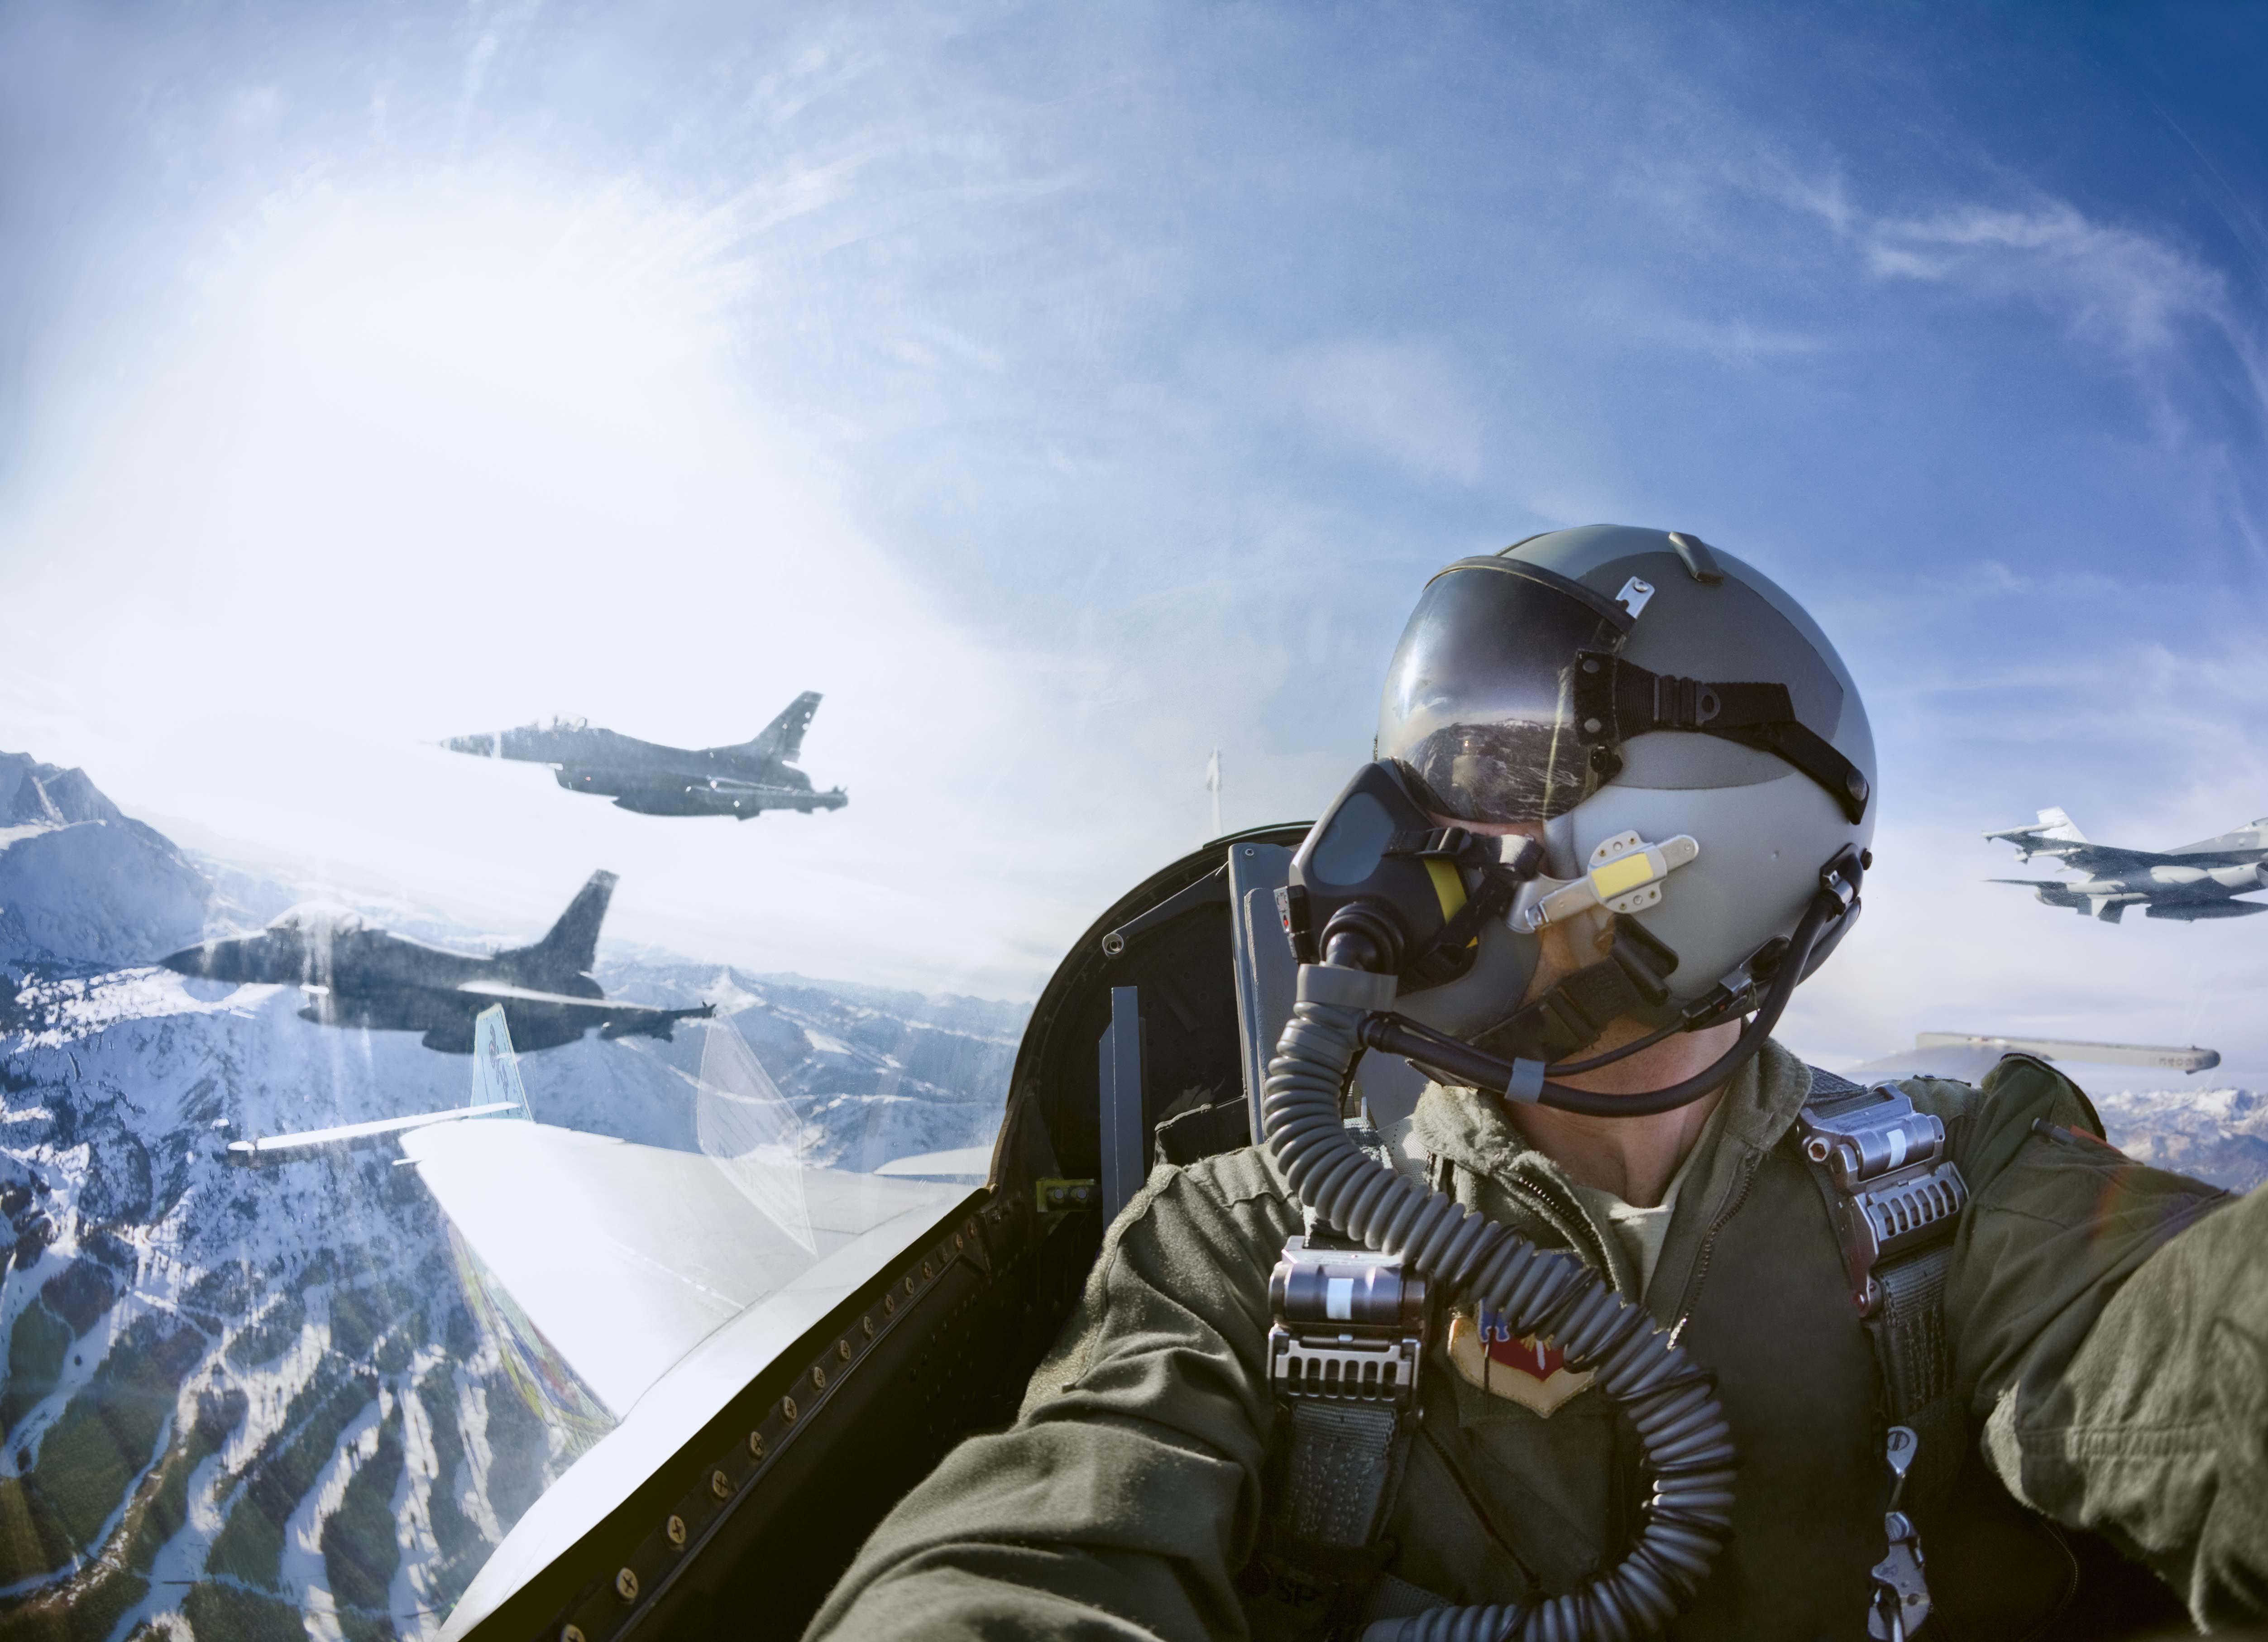 Piloti, mandibola a posto.